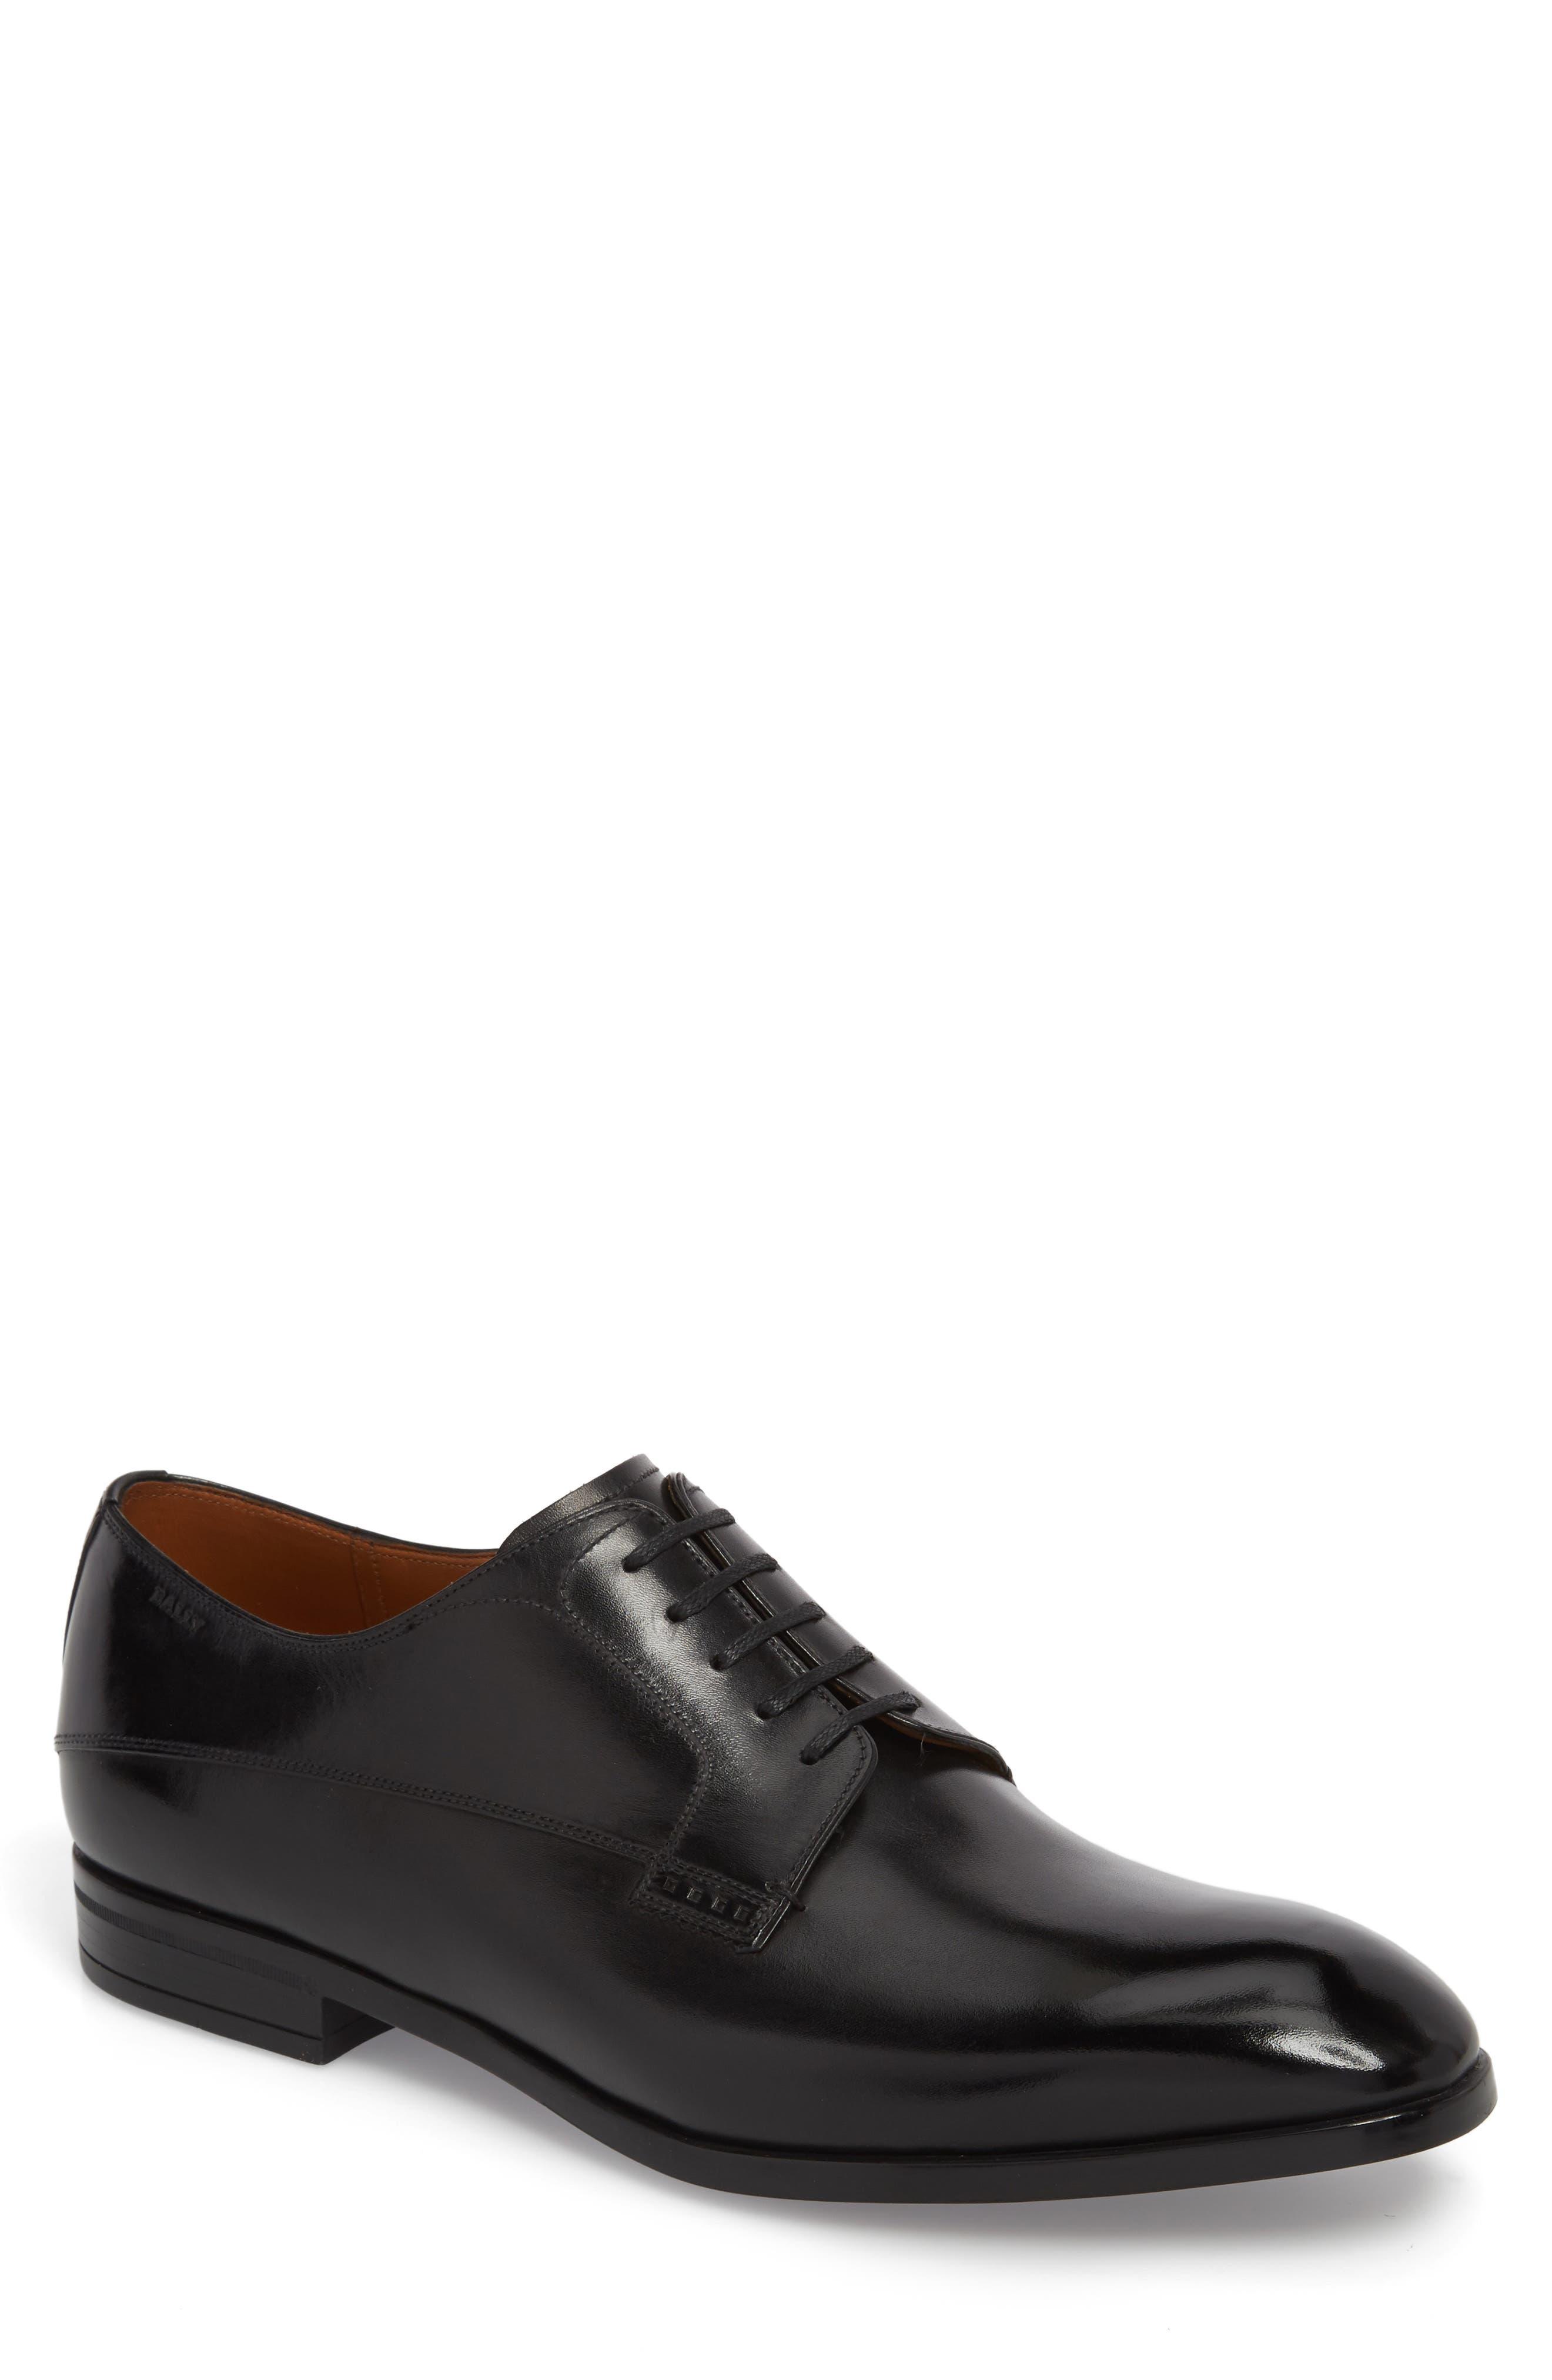 Lantel Plain Toe Derby,                         Main,                         color, Black